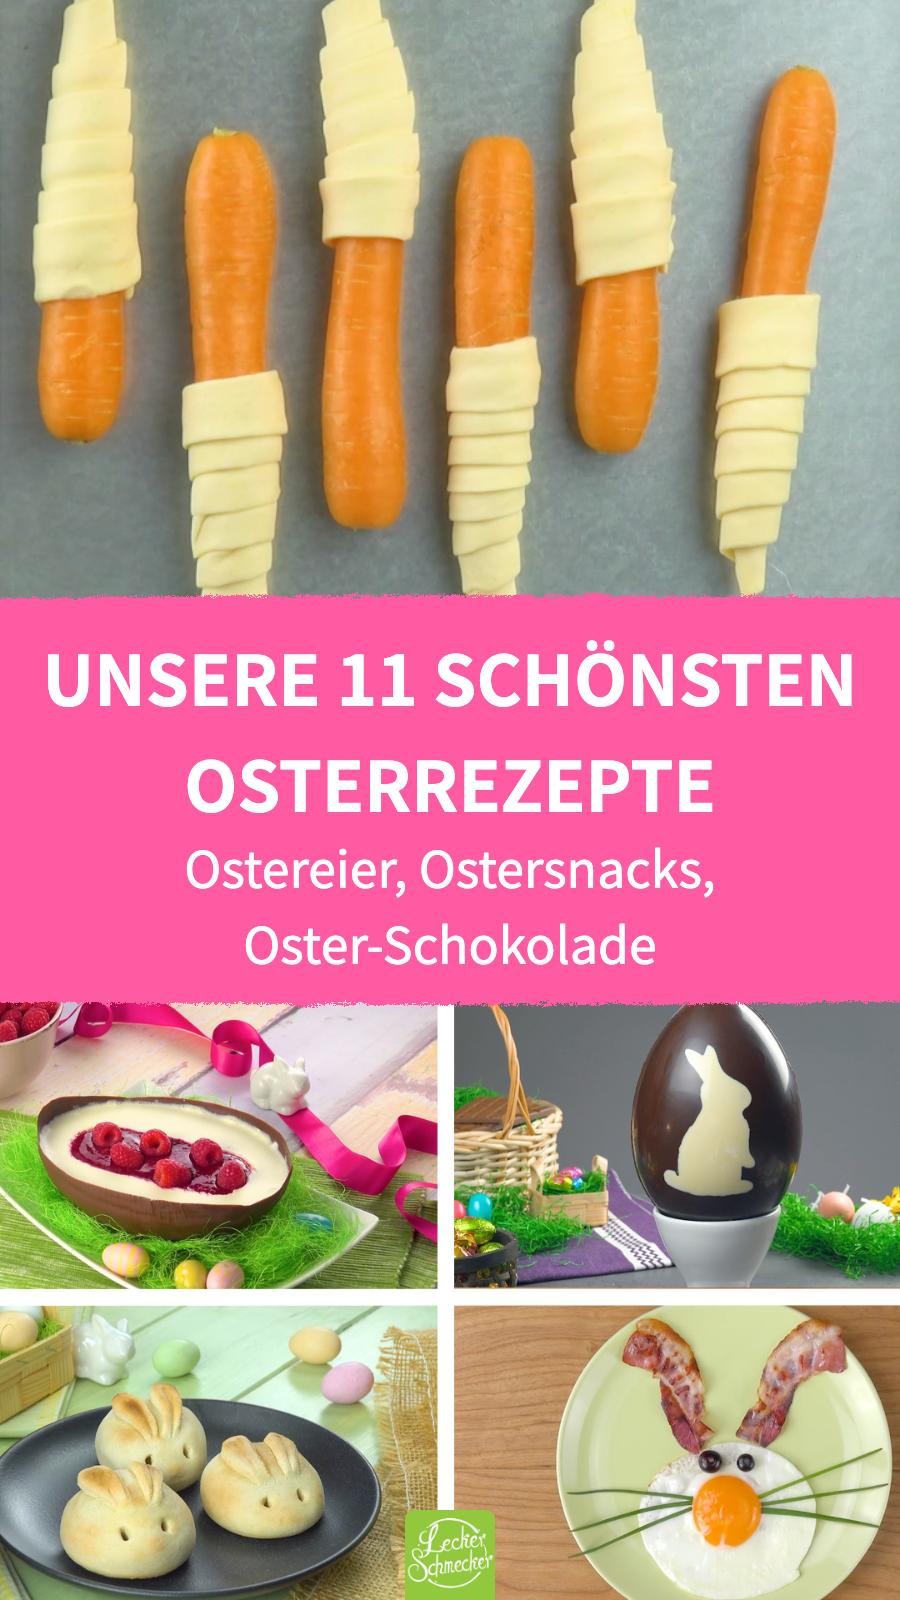 Unsere 11 schönsten Osterrezepte